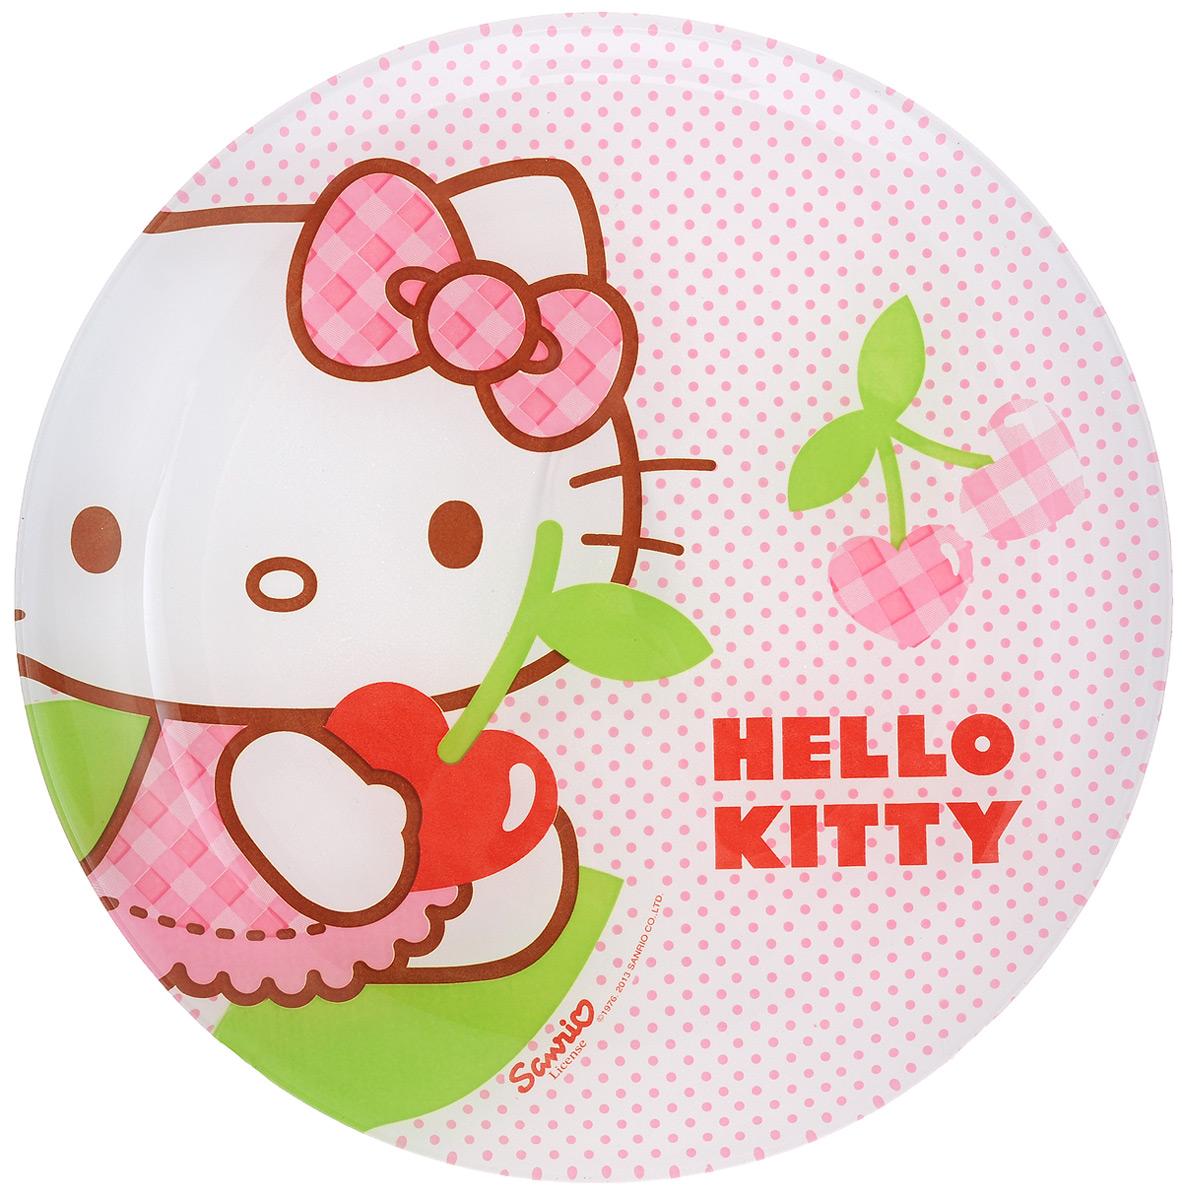 Тарелка десертная Luminarc Hello Kitty Cherries, диаметр 20,5 смJ0023Десертная тарелка Luminarc Hello Kitty Cherries, изготовленная из ударопрочного стекла, имеет изысканный внешний вид. Такая тарелка прекрасно подходит как для торжественных случаев, так и для повседневного использования. Идеальна для подачи десертов, пирожных, тортов и многого другого. Она прекрасно оформит стол и станет отличным дополнением к вашей коллекции кухонной посуды. Диаметр тарелки (по верхнему краю): 20,5 см.